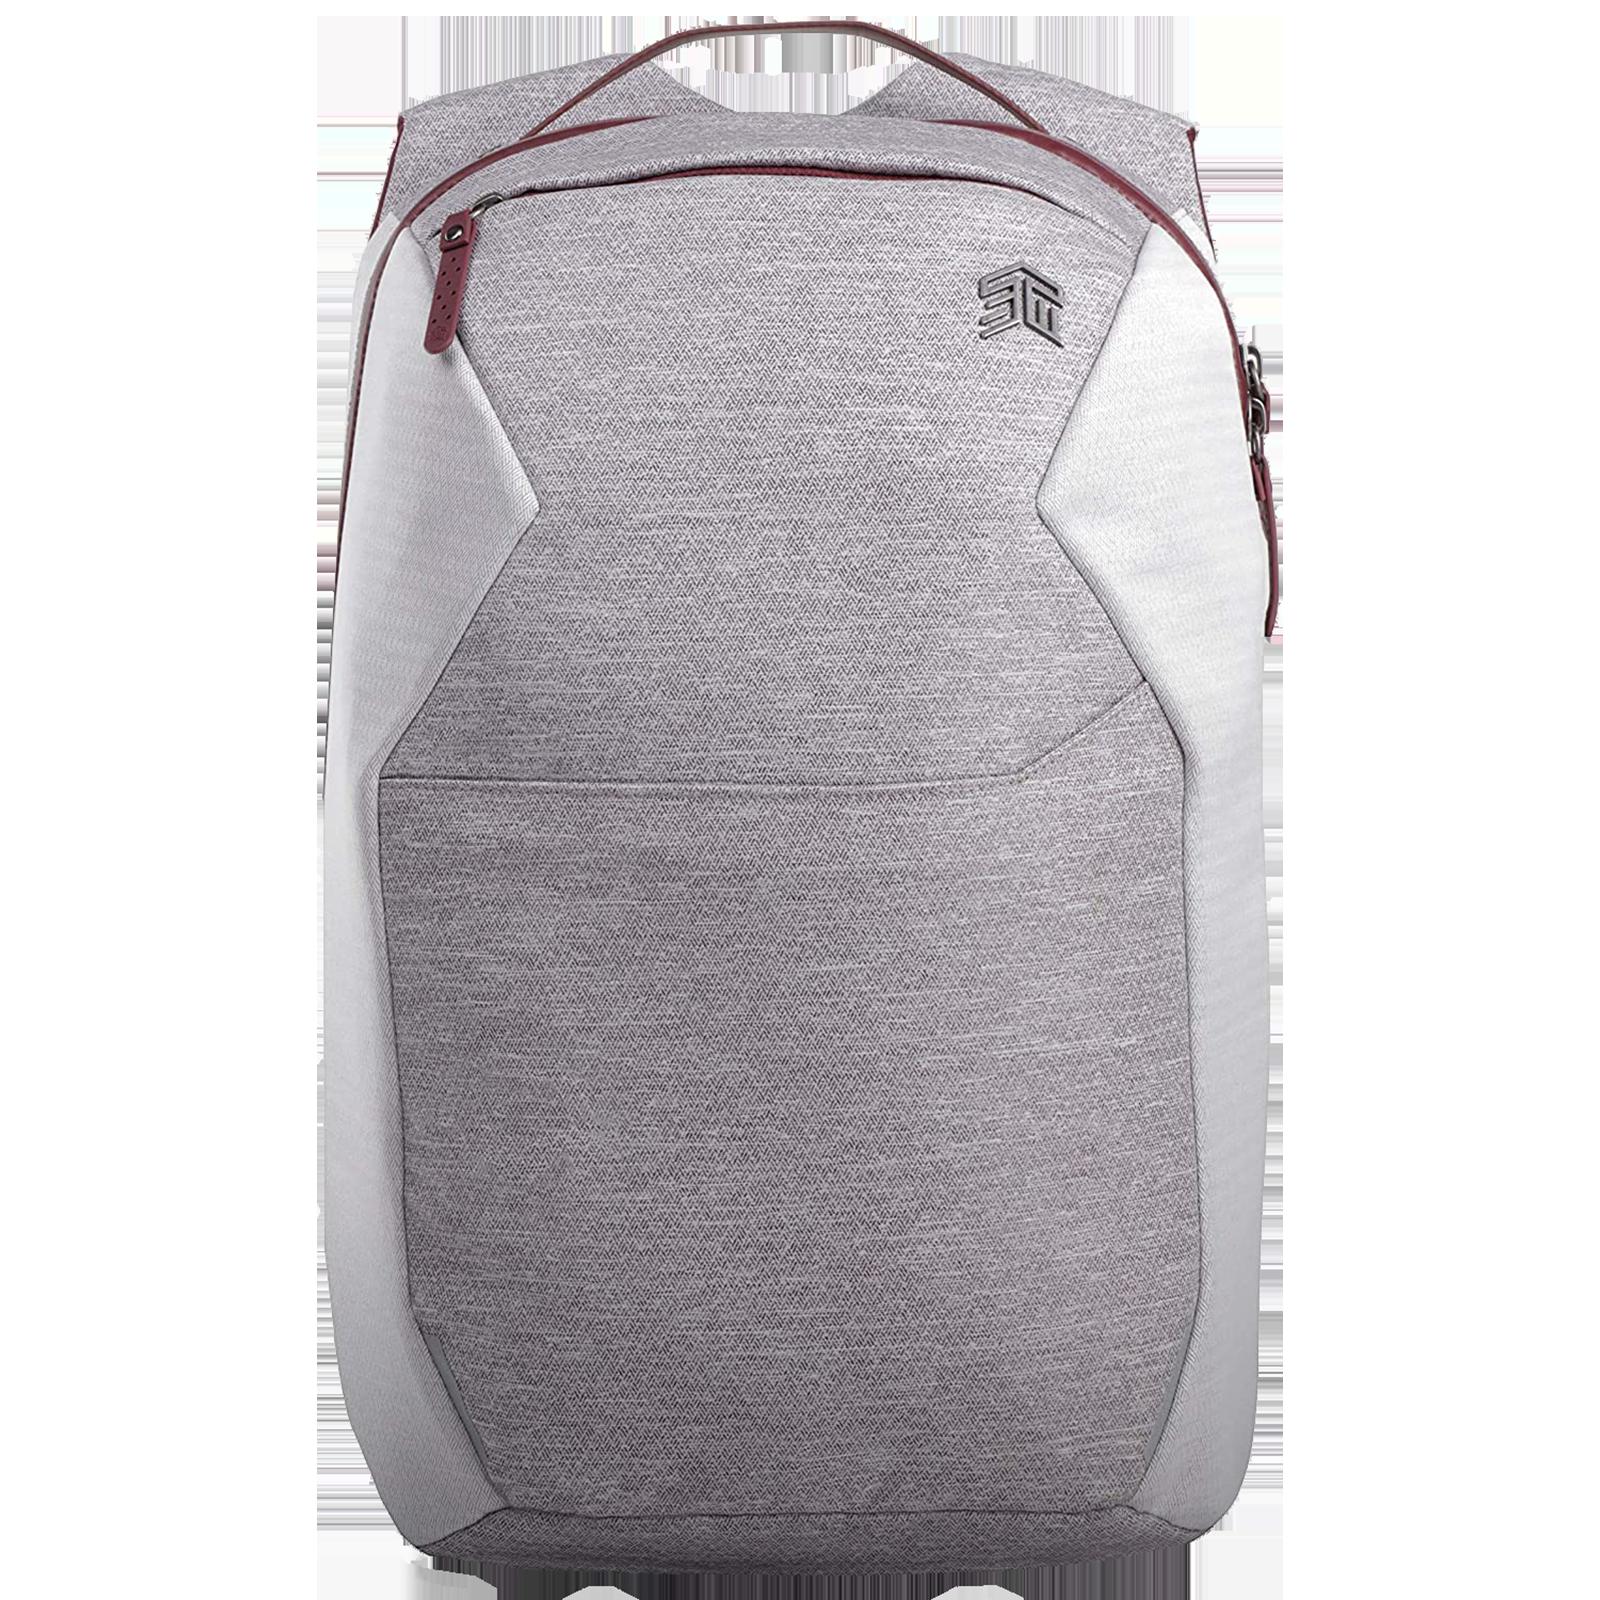 STM Myth 18 Litres Polyester Backpack for 15 Inch Laptop (Water repellent C6DWR Coating, STM-117-186P-04, Windsor Wine)_1